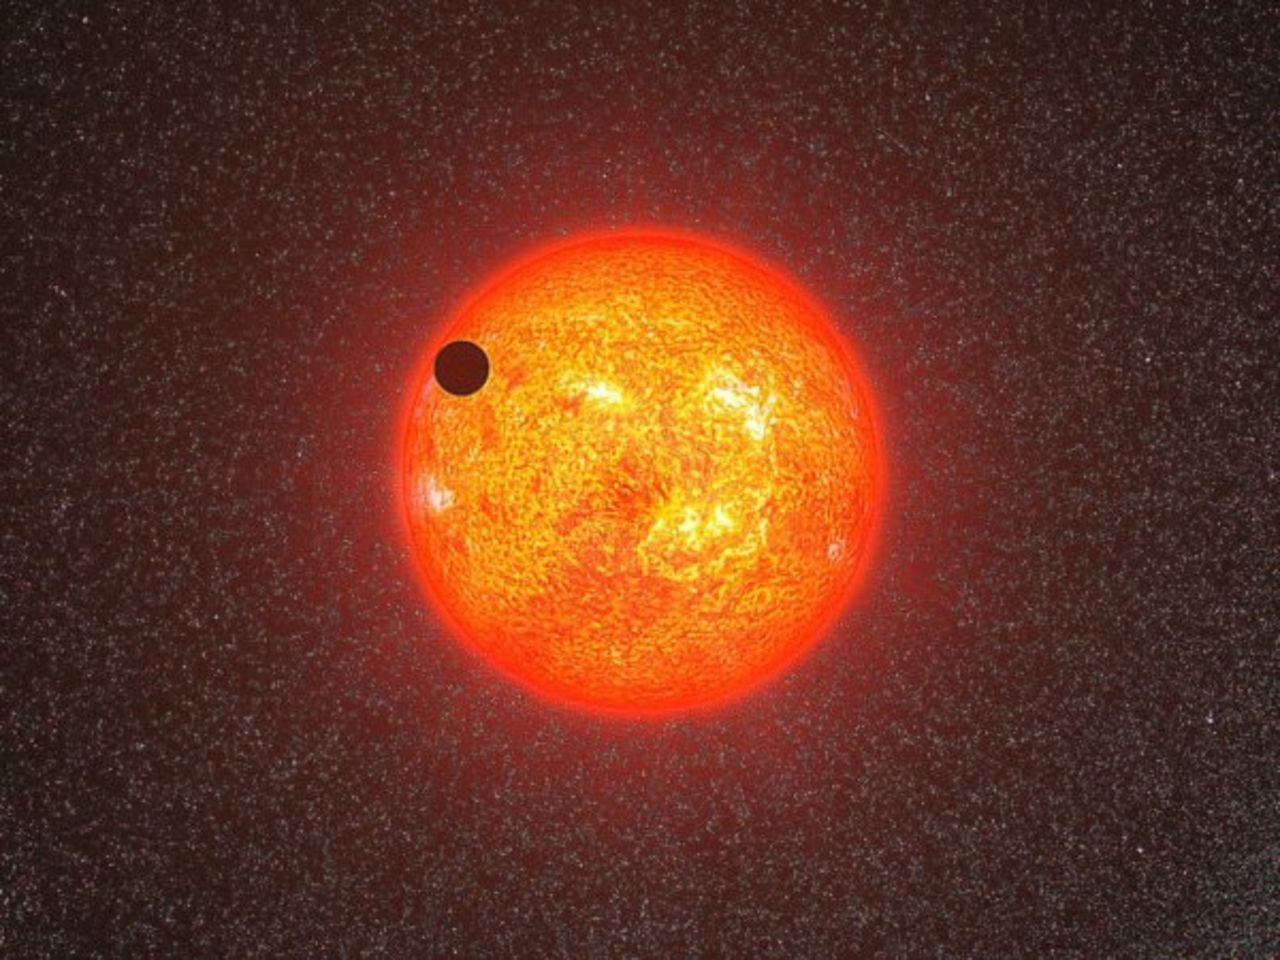 Вдалеком космосе найдена «звезда смерти», поглощающая собственные планеты